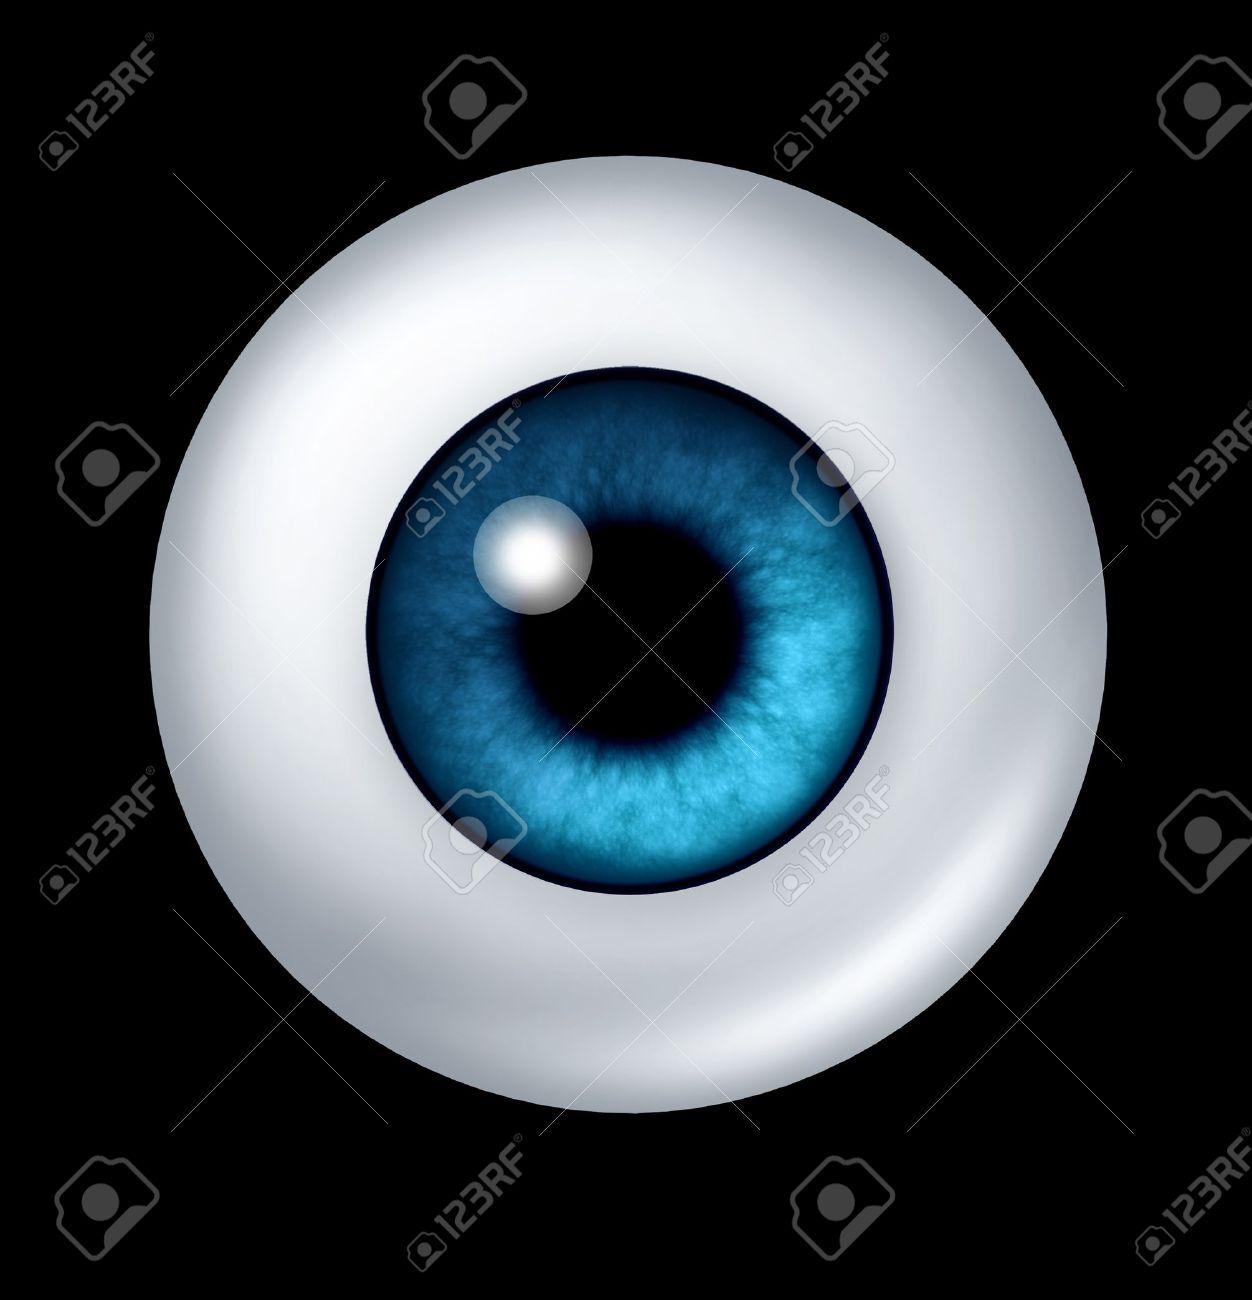 Einzelne Blaue Kugel Menschliche Auge Mit Iris Und Netzhaut, Die Die ...